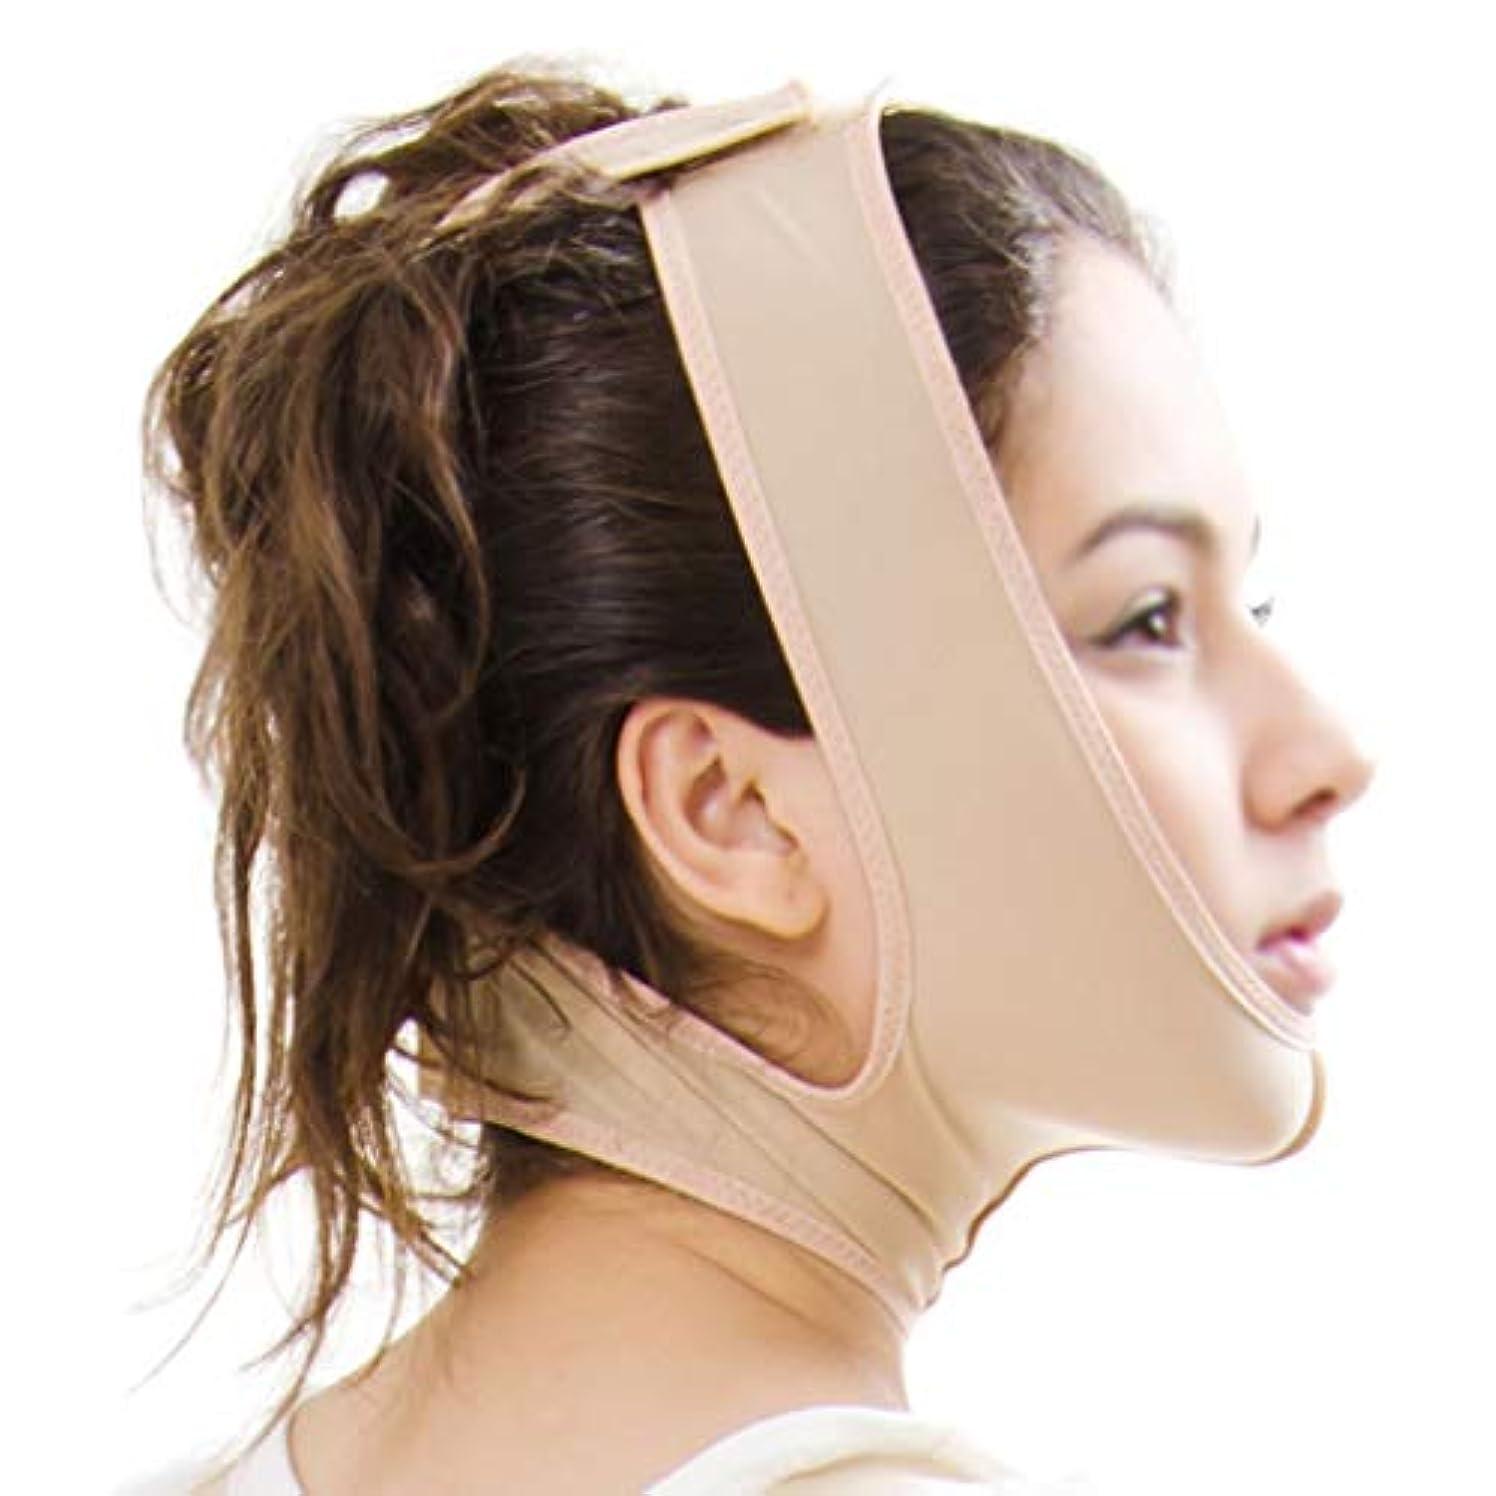 原始的な落胆させる引き金GLJJQMY 顔面リフティング包帯あごの首と首の二重あごの脂肪吸引術後創傷マスク 顔用整形マスク (Size : S)